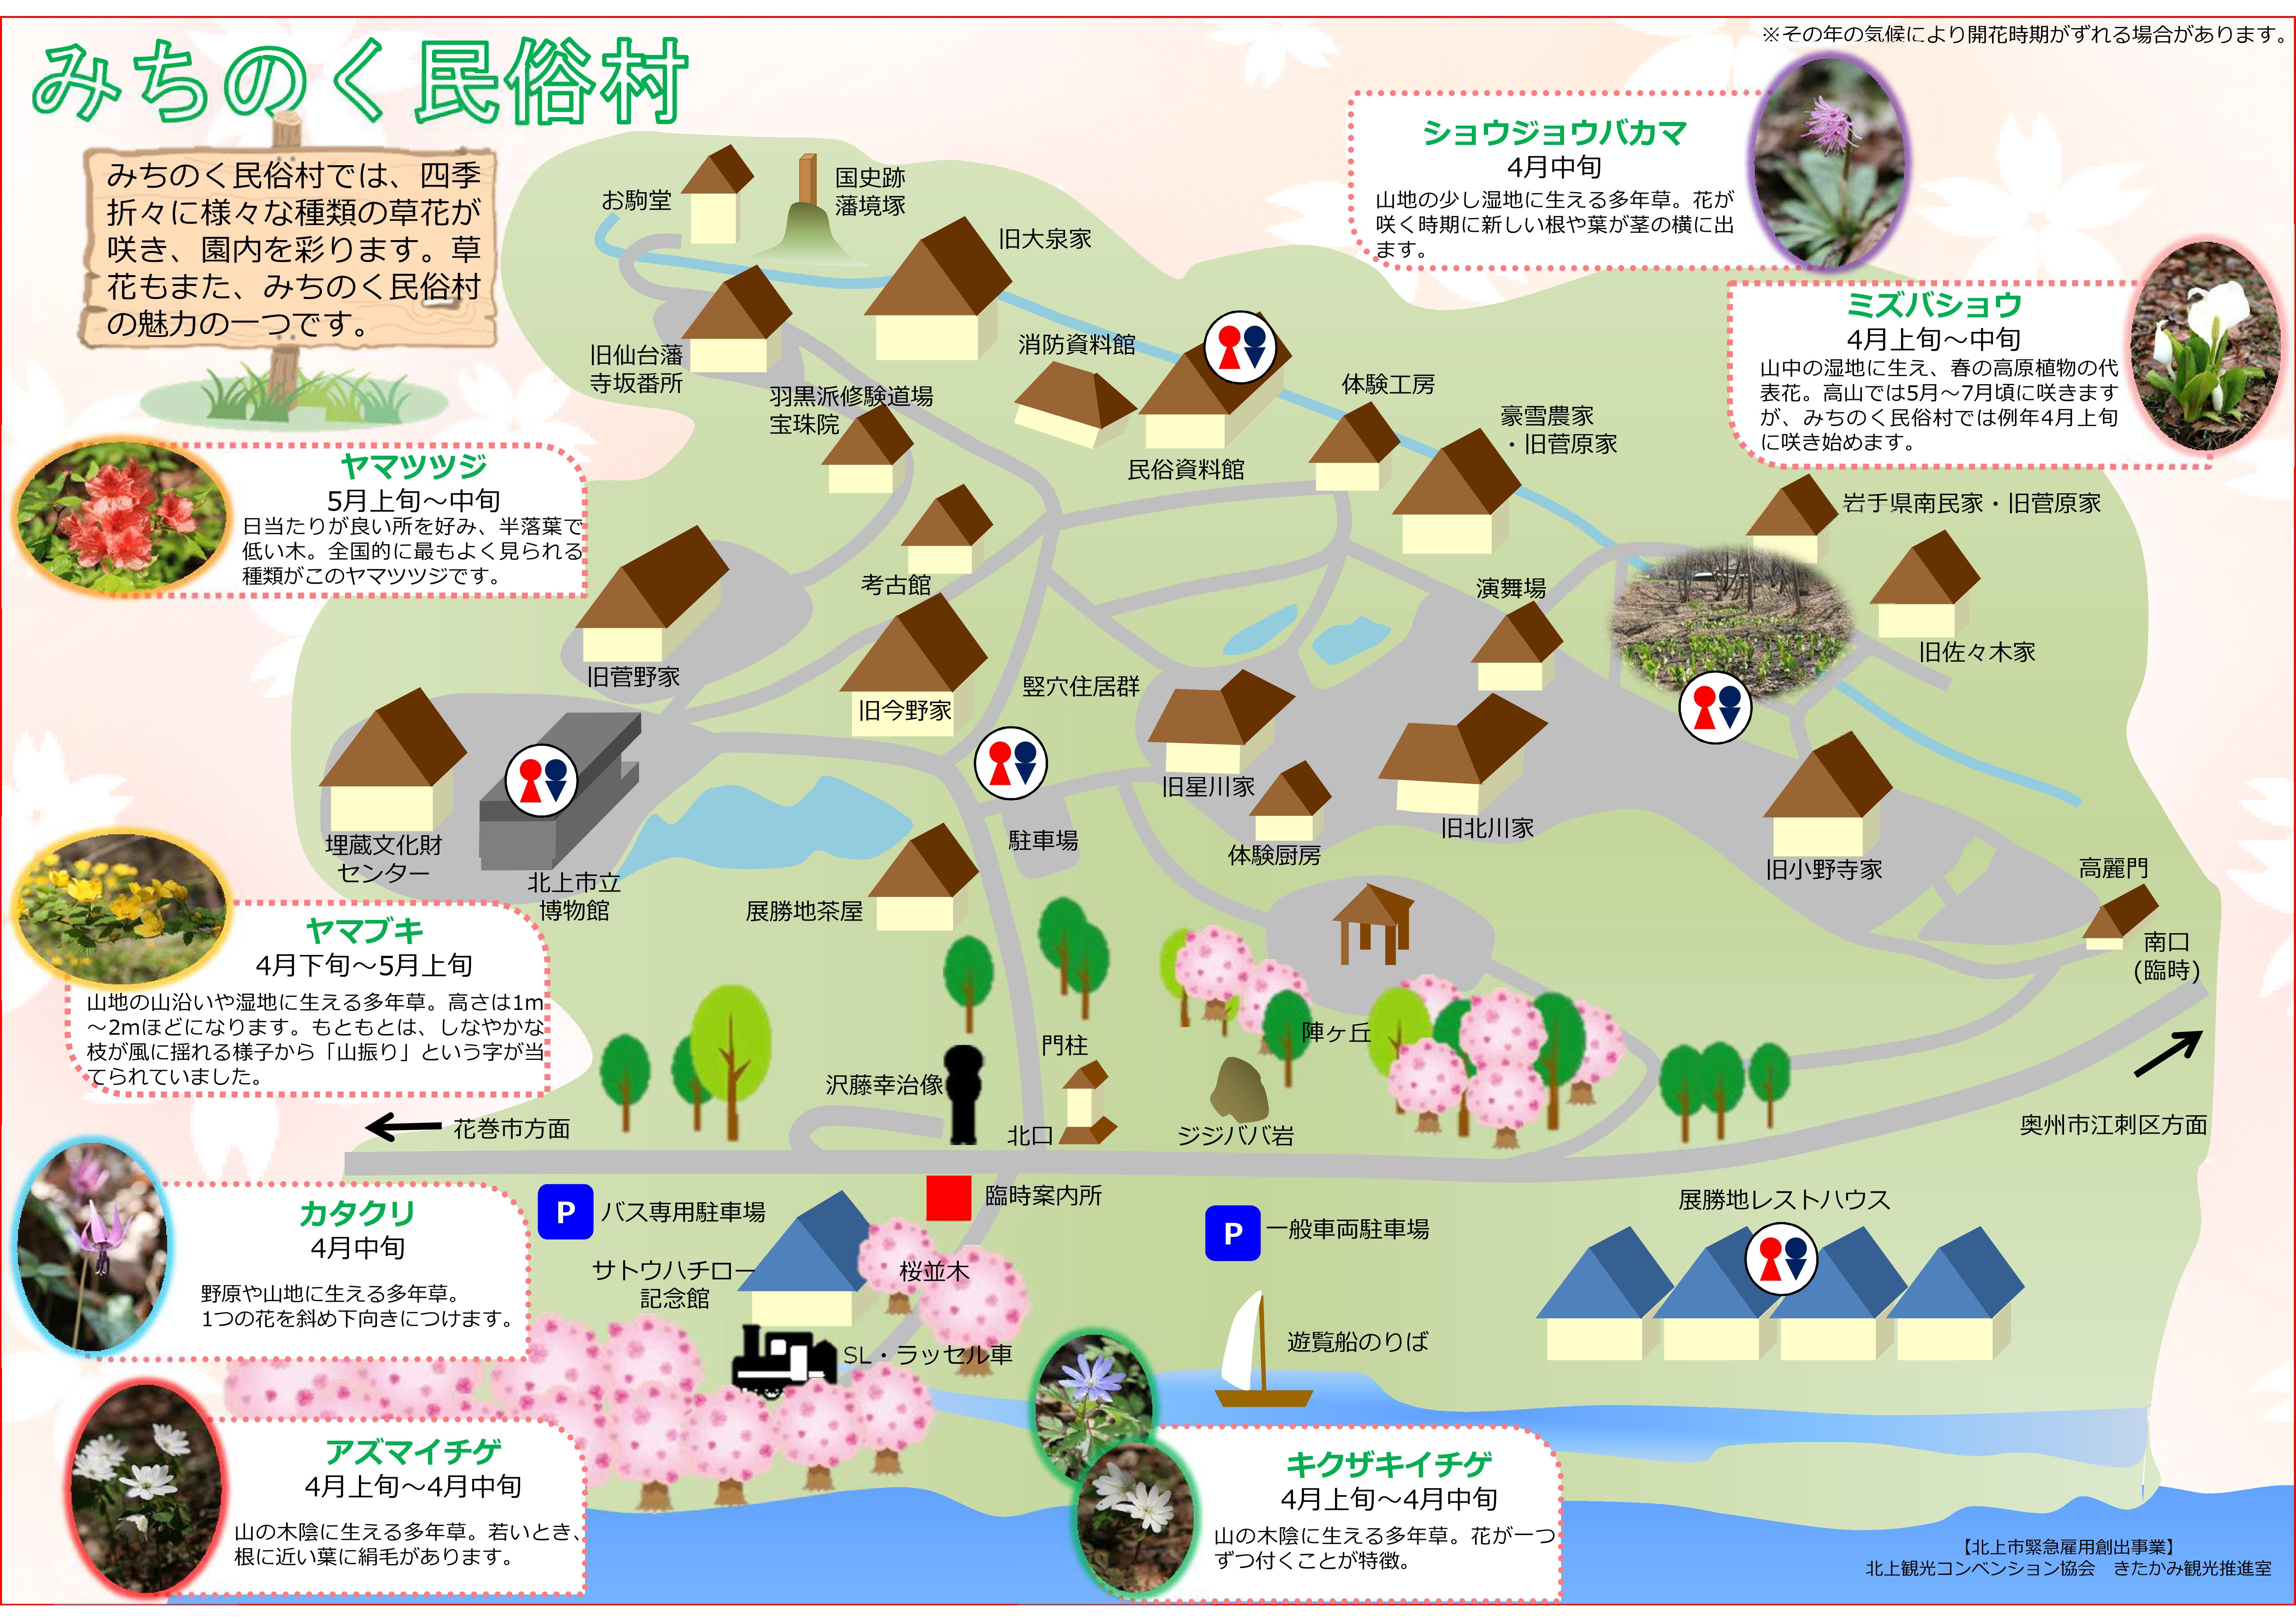 みちのく民俗村 館内MAP